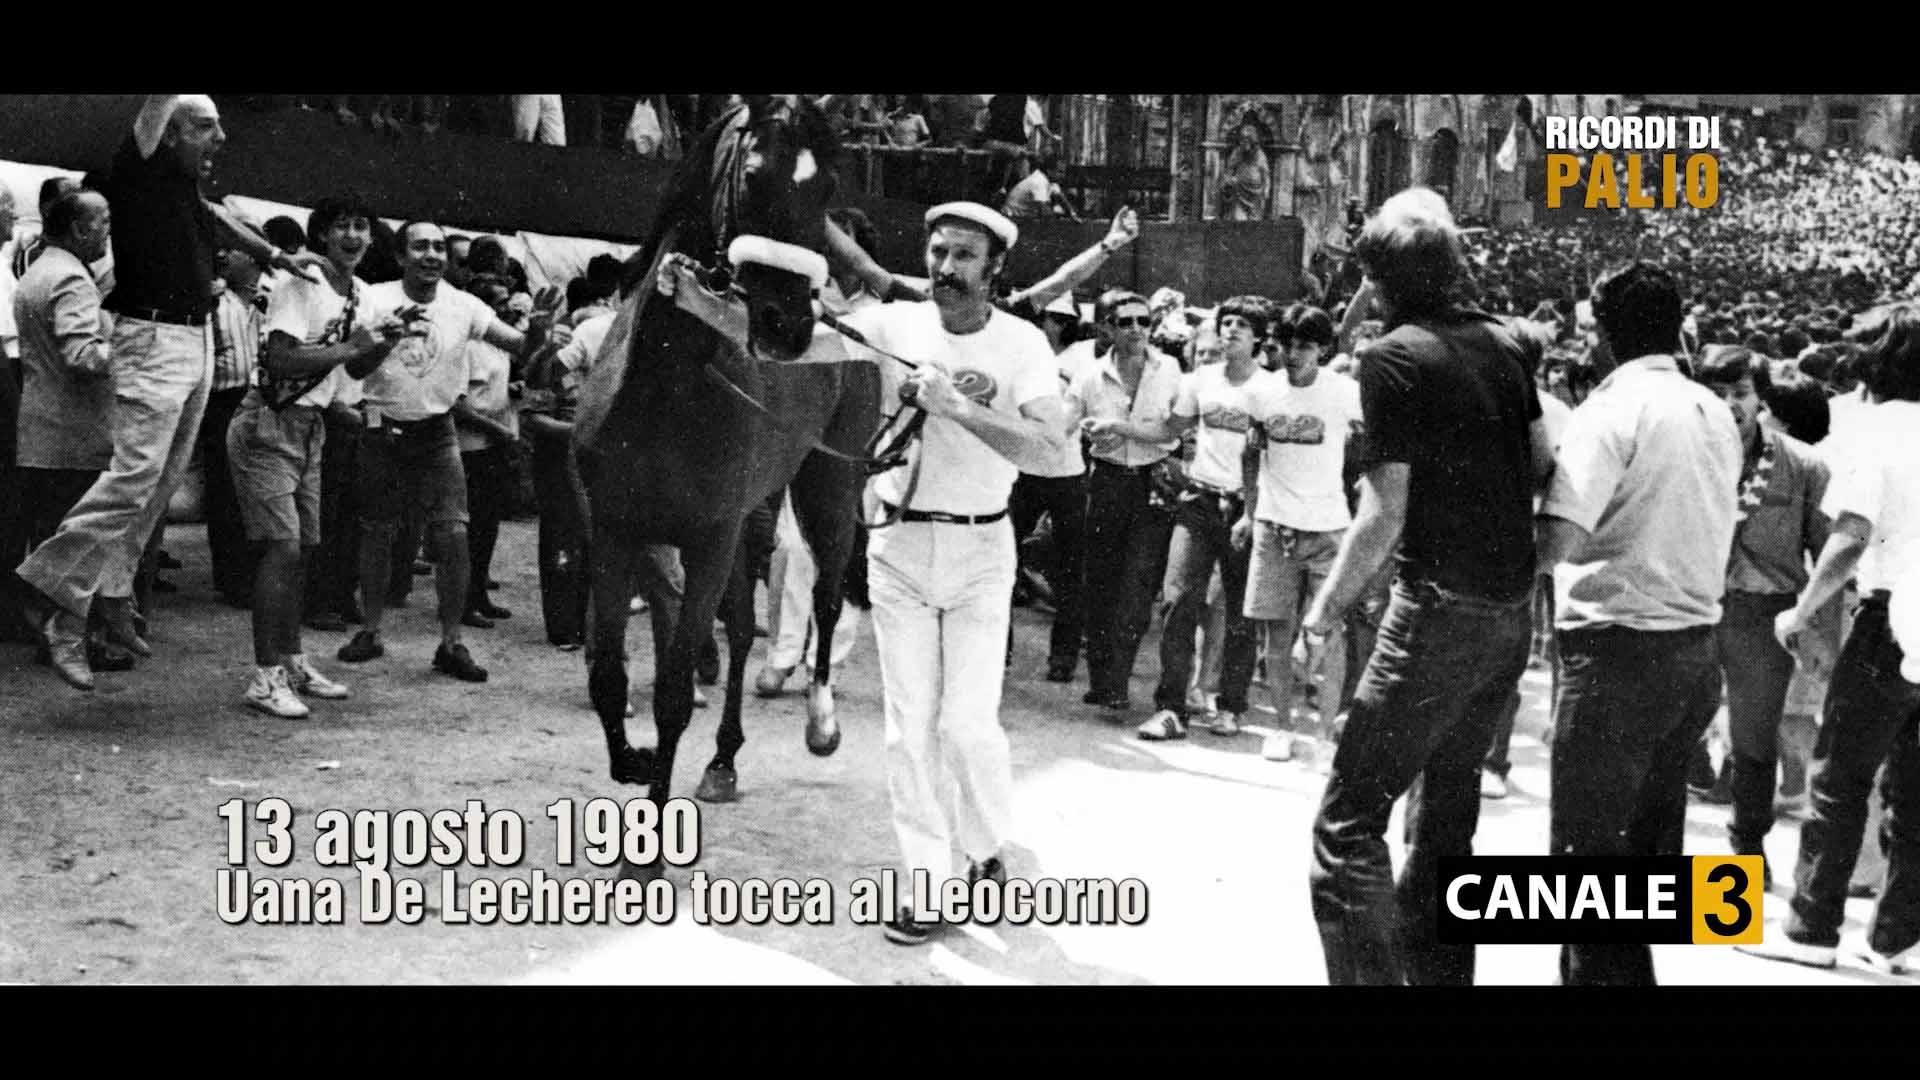 Uana de Lechereo e Luciano Chiti alla Tratta del Palio Vittorioso per la Contrada del Leocorno